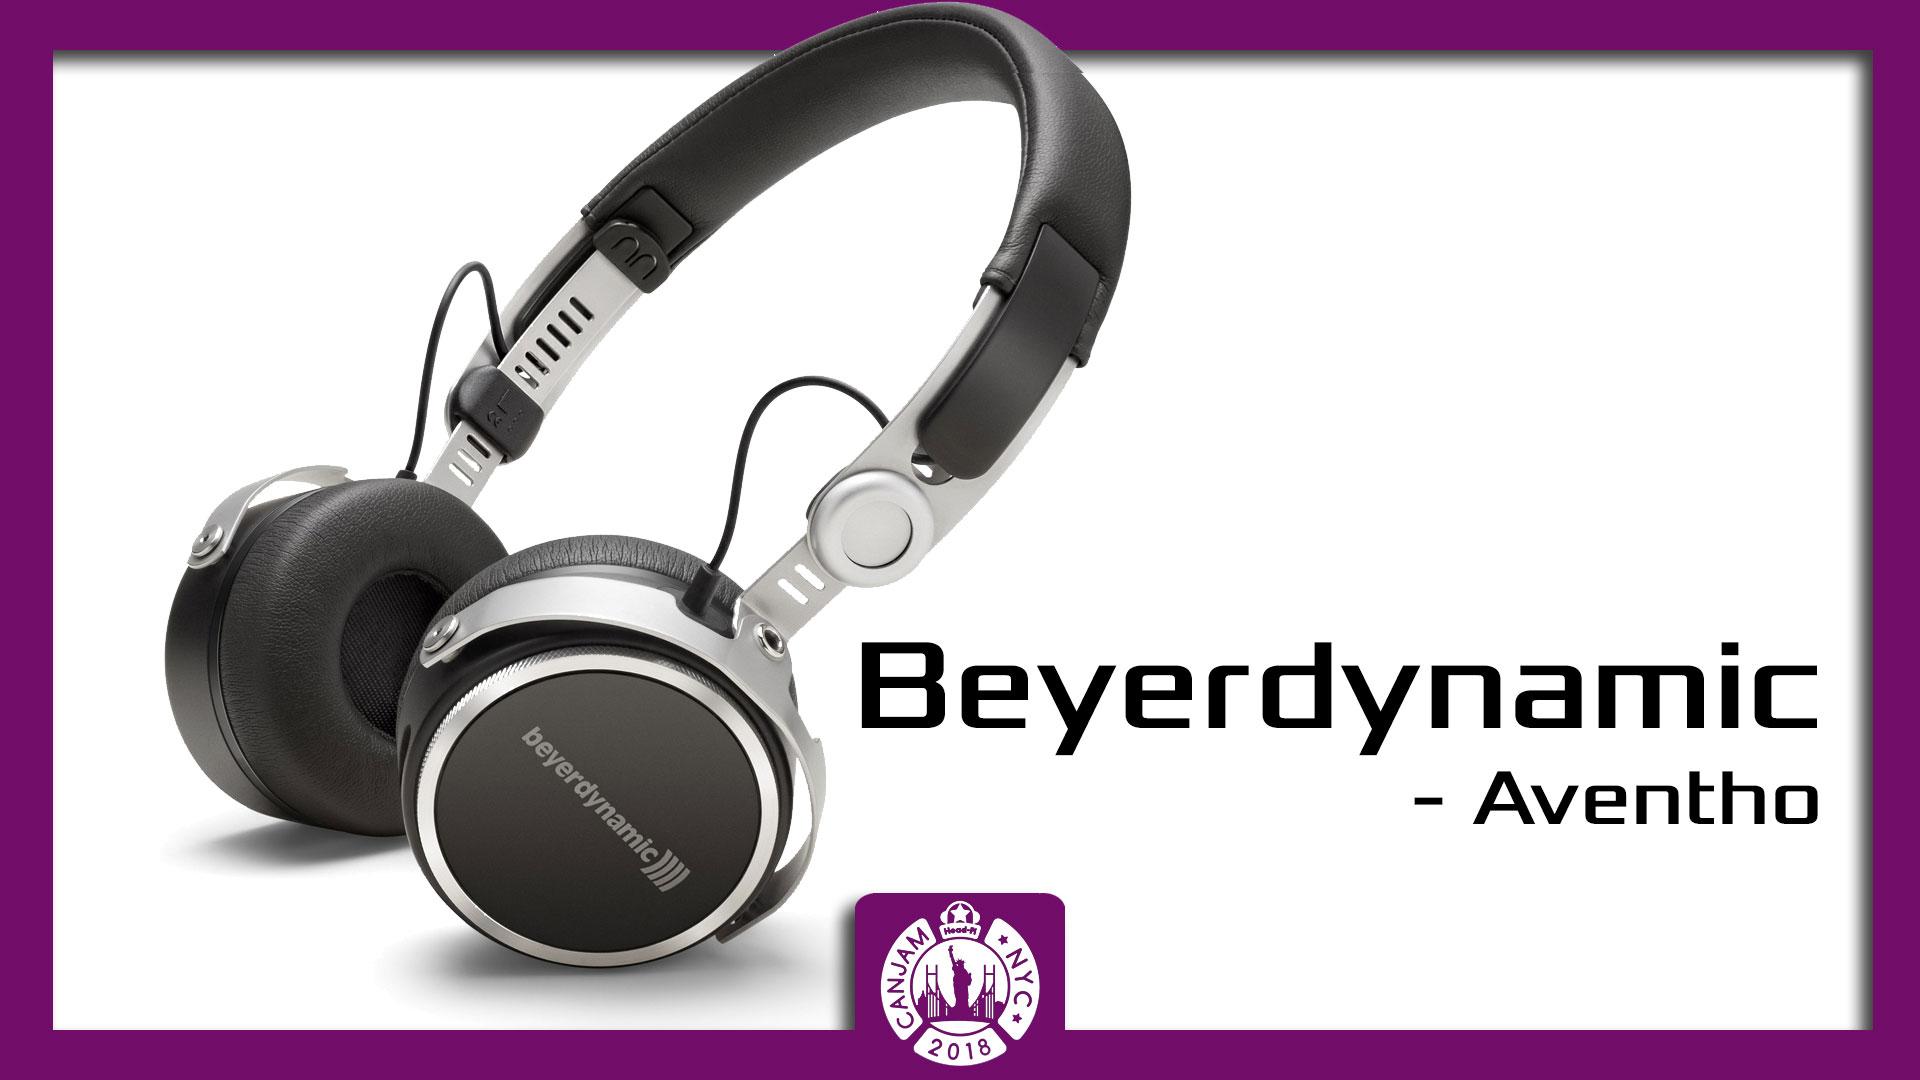 Beyerdynamic Aventho